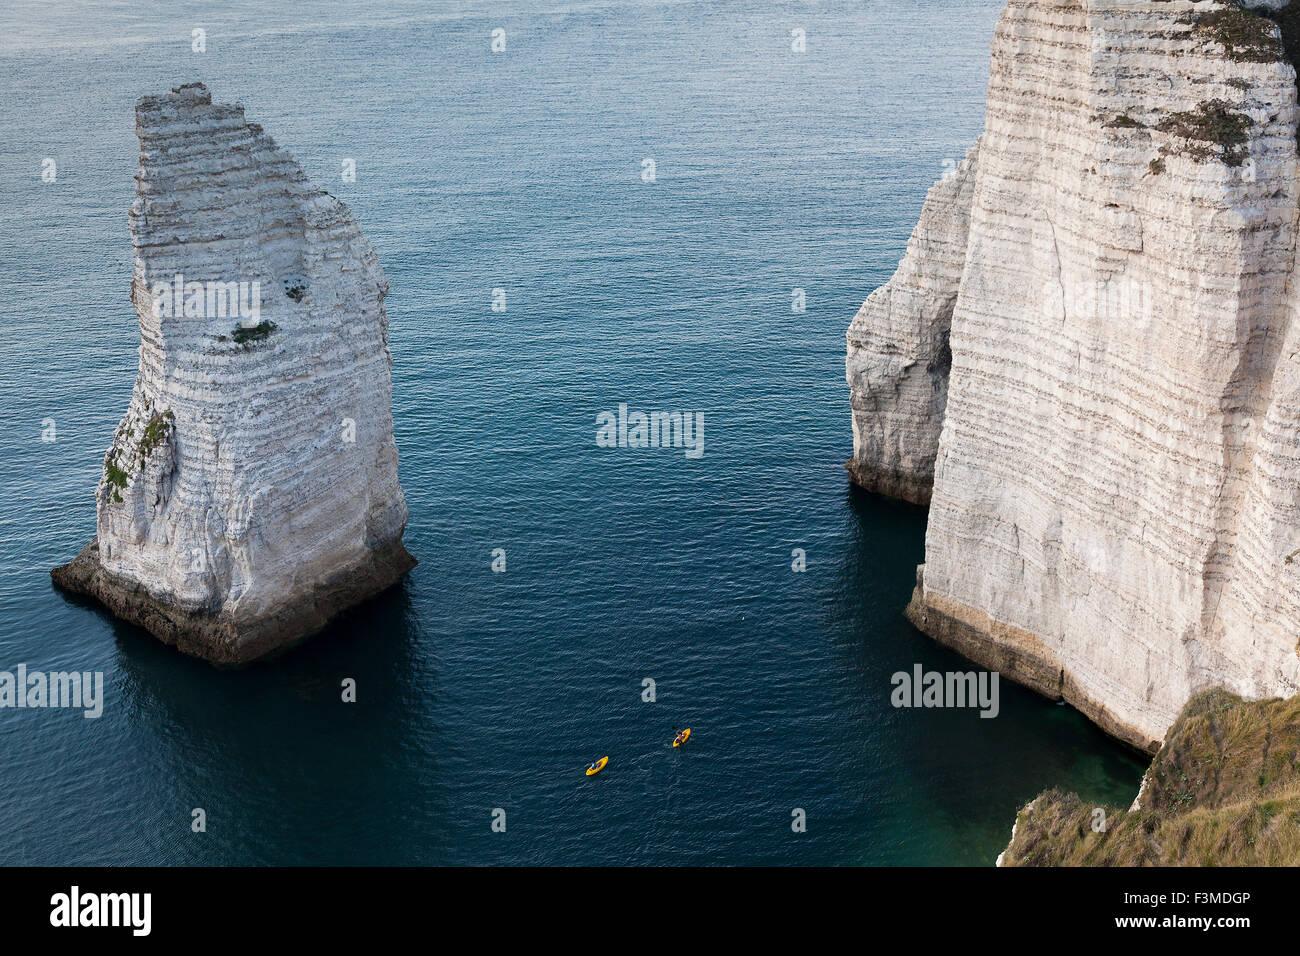 Cliff in Etretat, Cote d'Albatre, Pays de Caux, Seine-Maritime department, Upper Normandy region, France - Stock Image